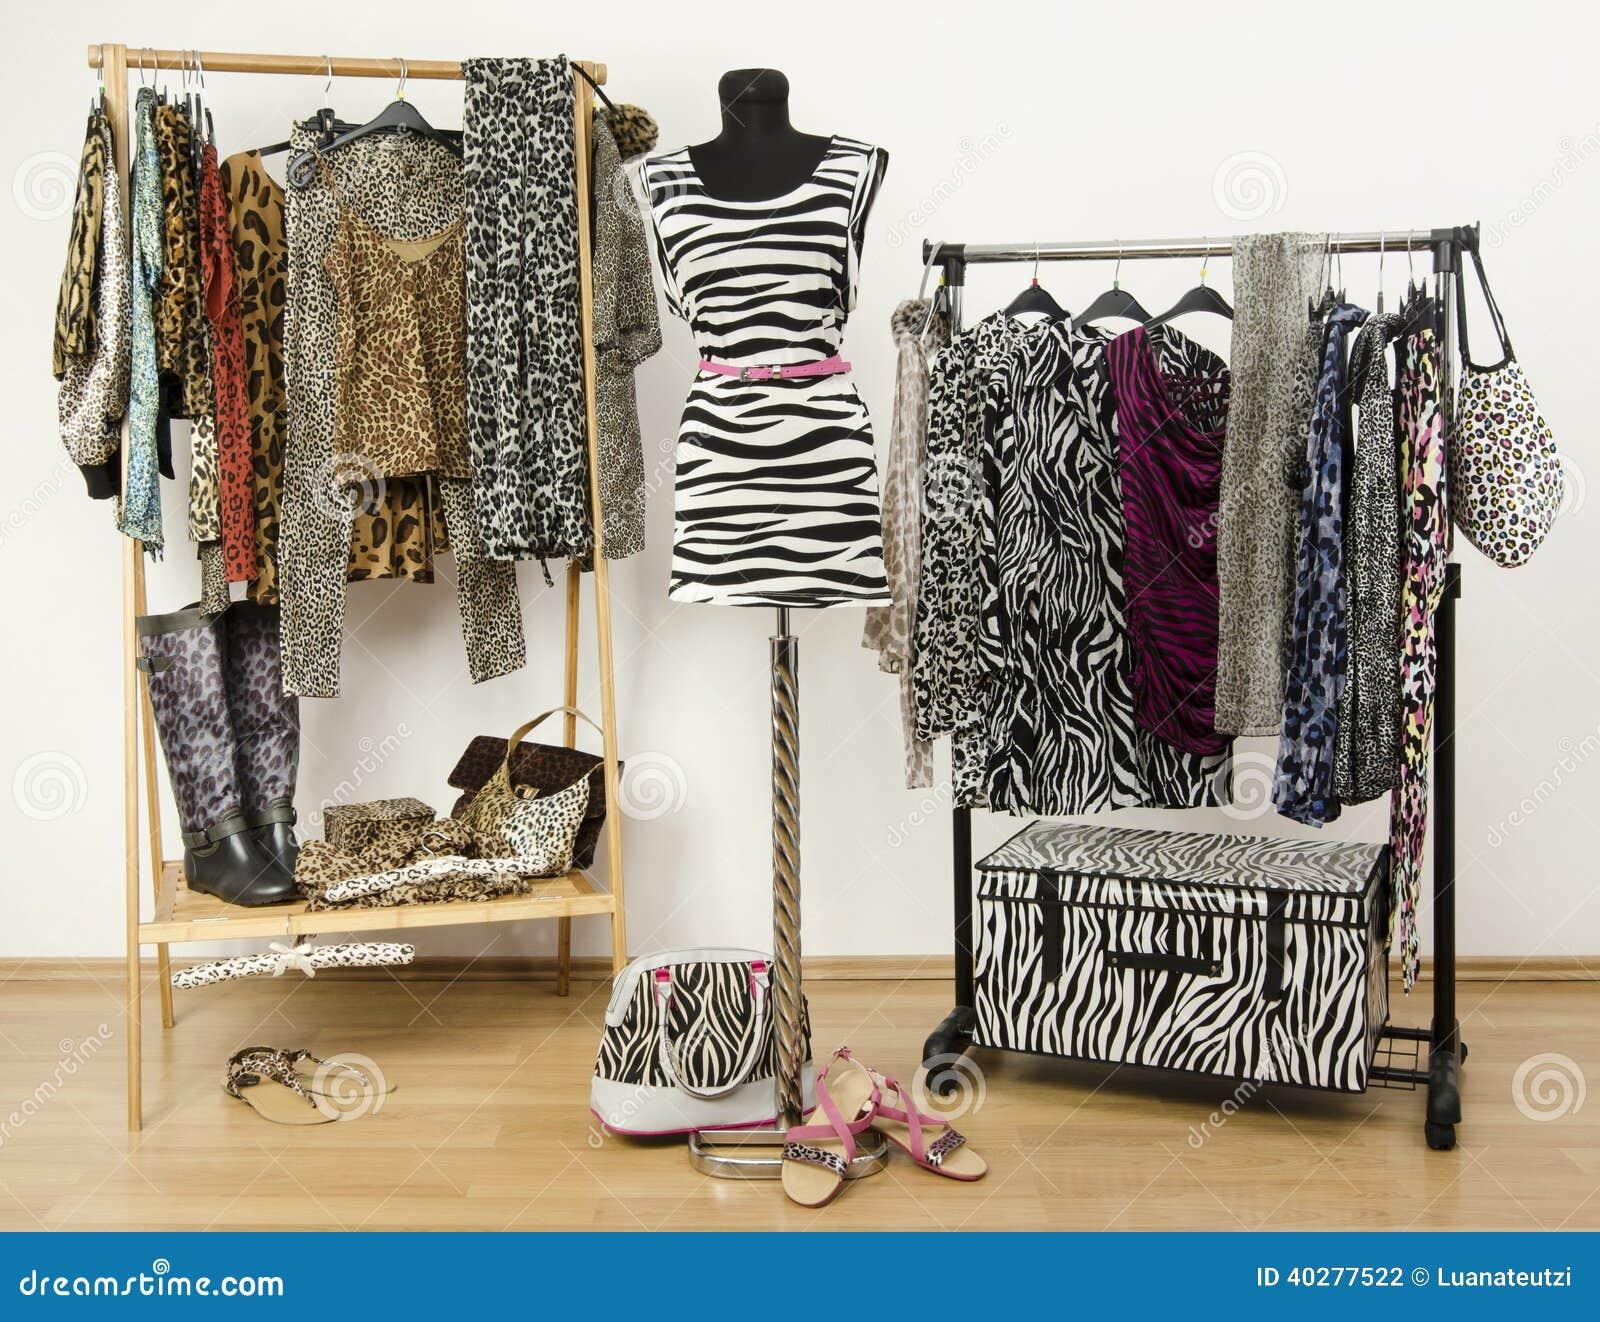 Красочный шкаф с одеждами и аксессуарами картины джунглей.